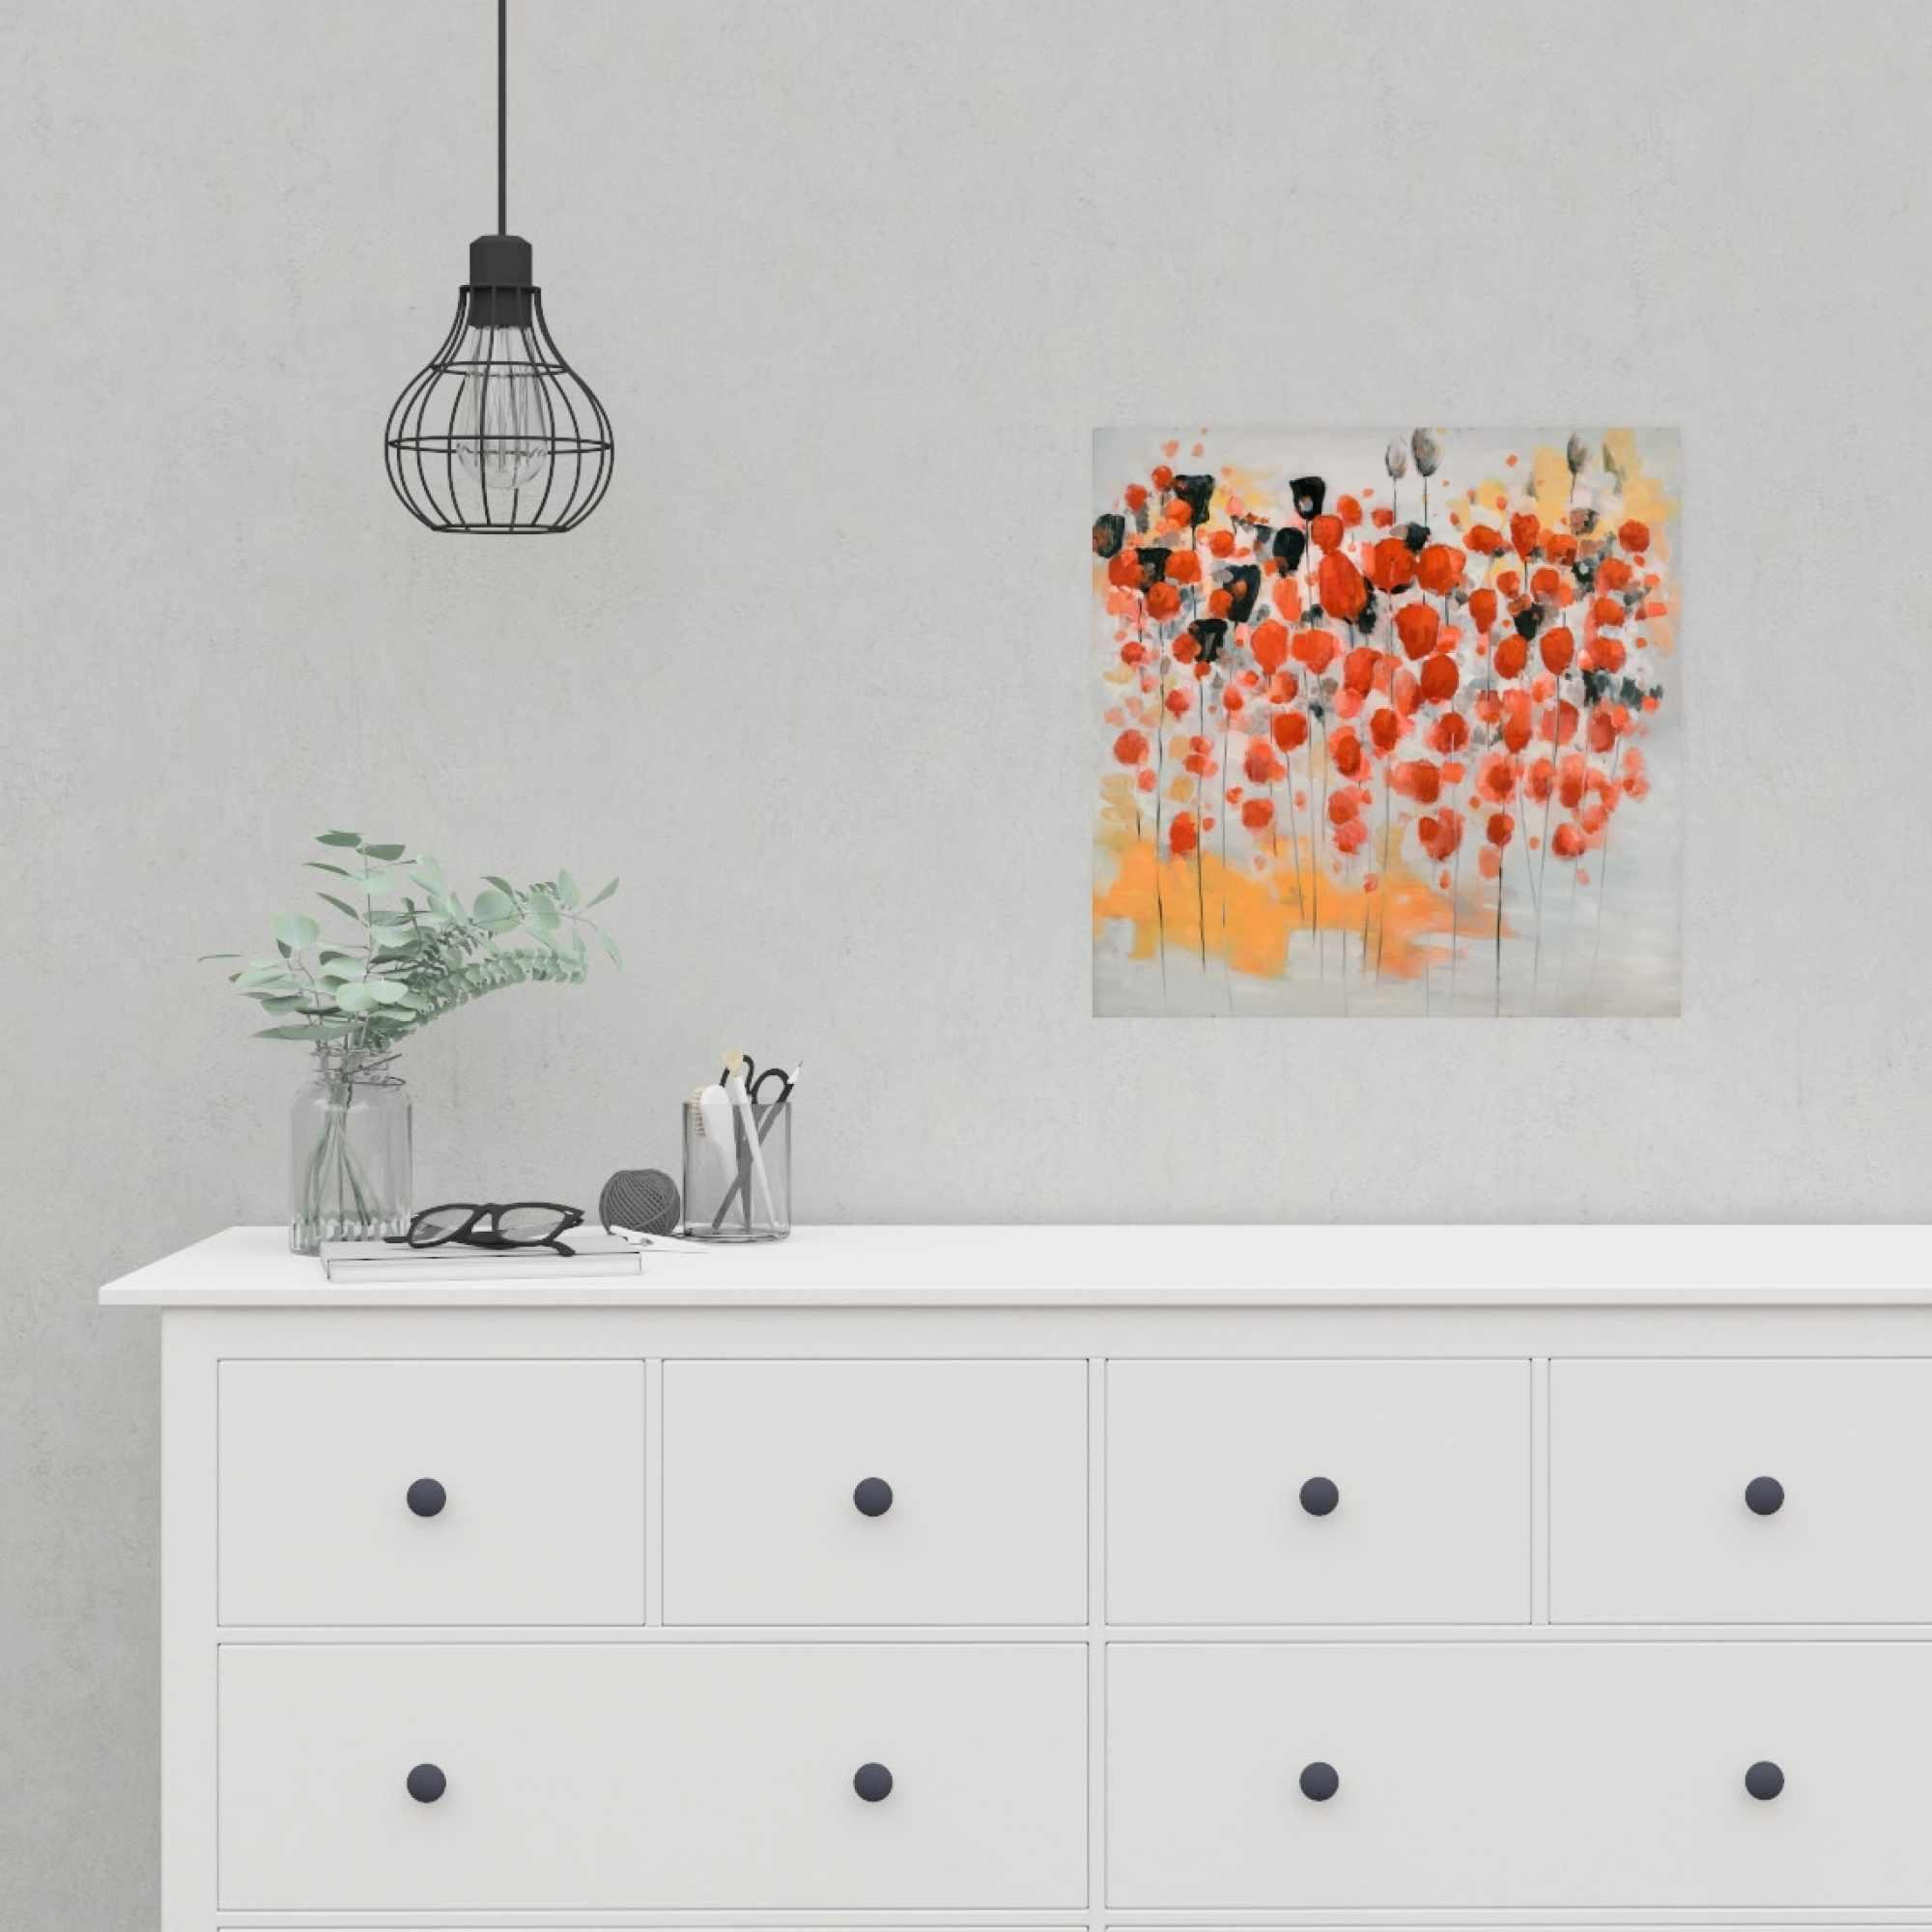 Affiche 16 x 16 - Champ de fleurs ronde rouges abstraites